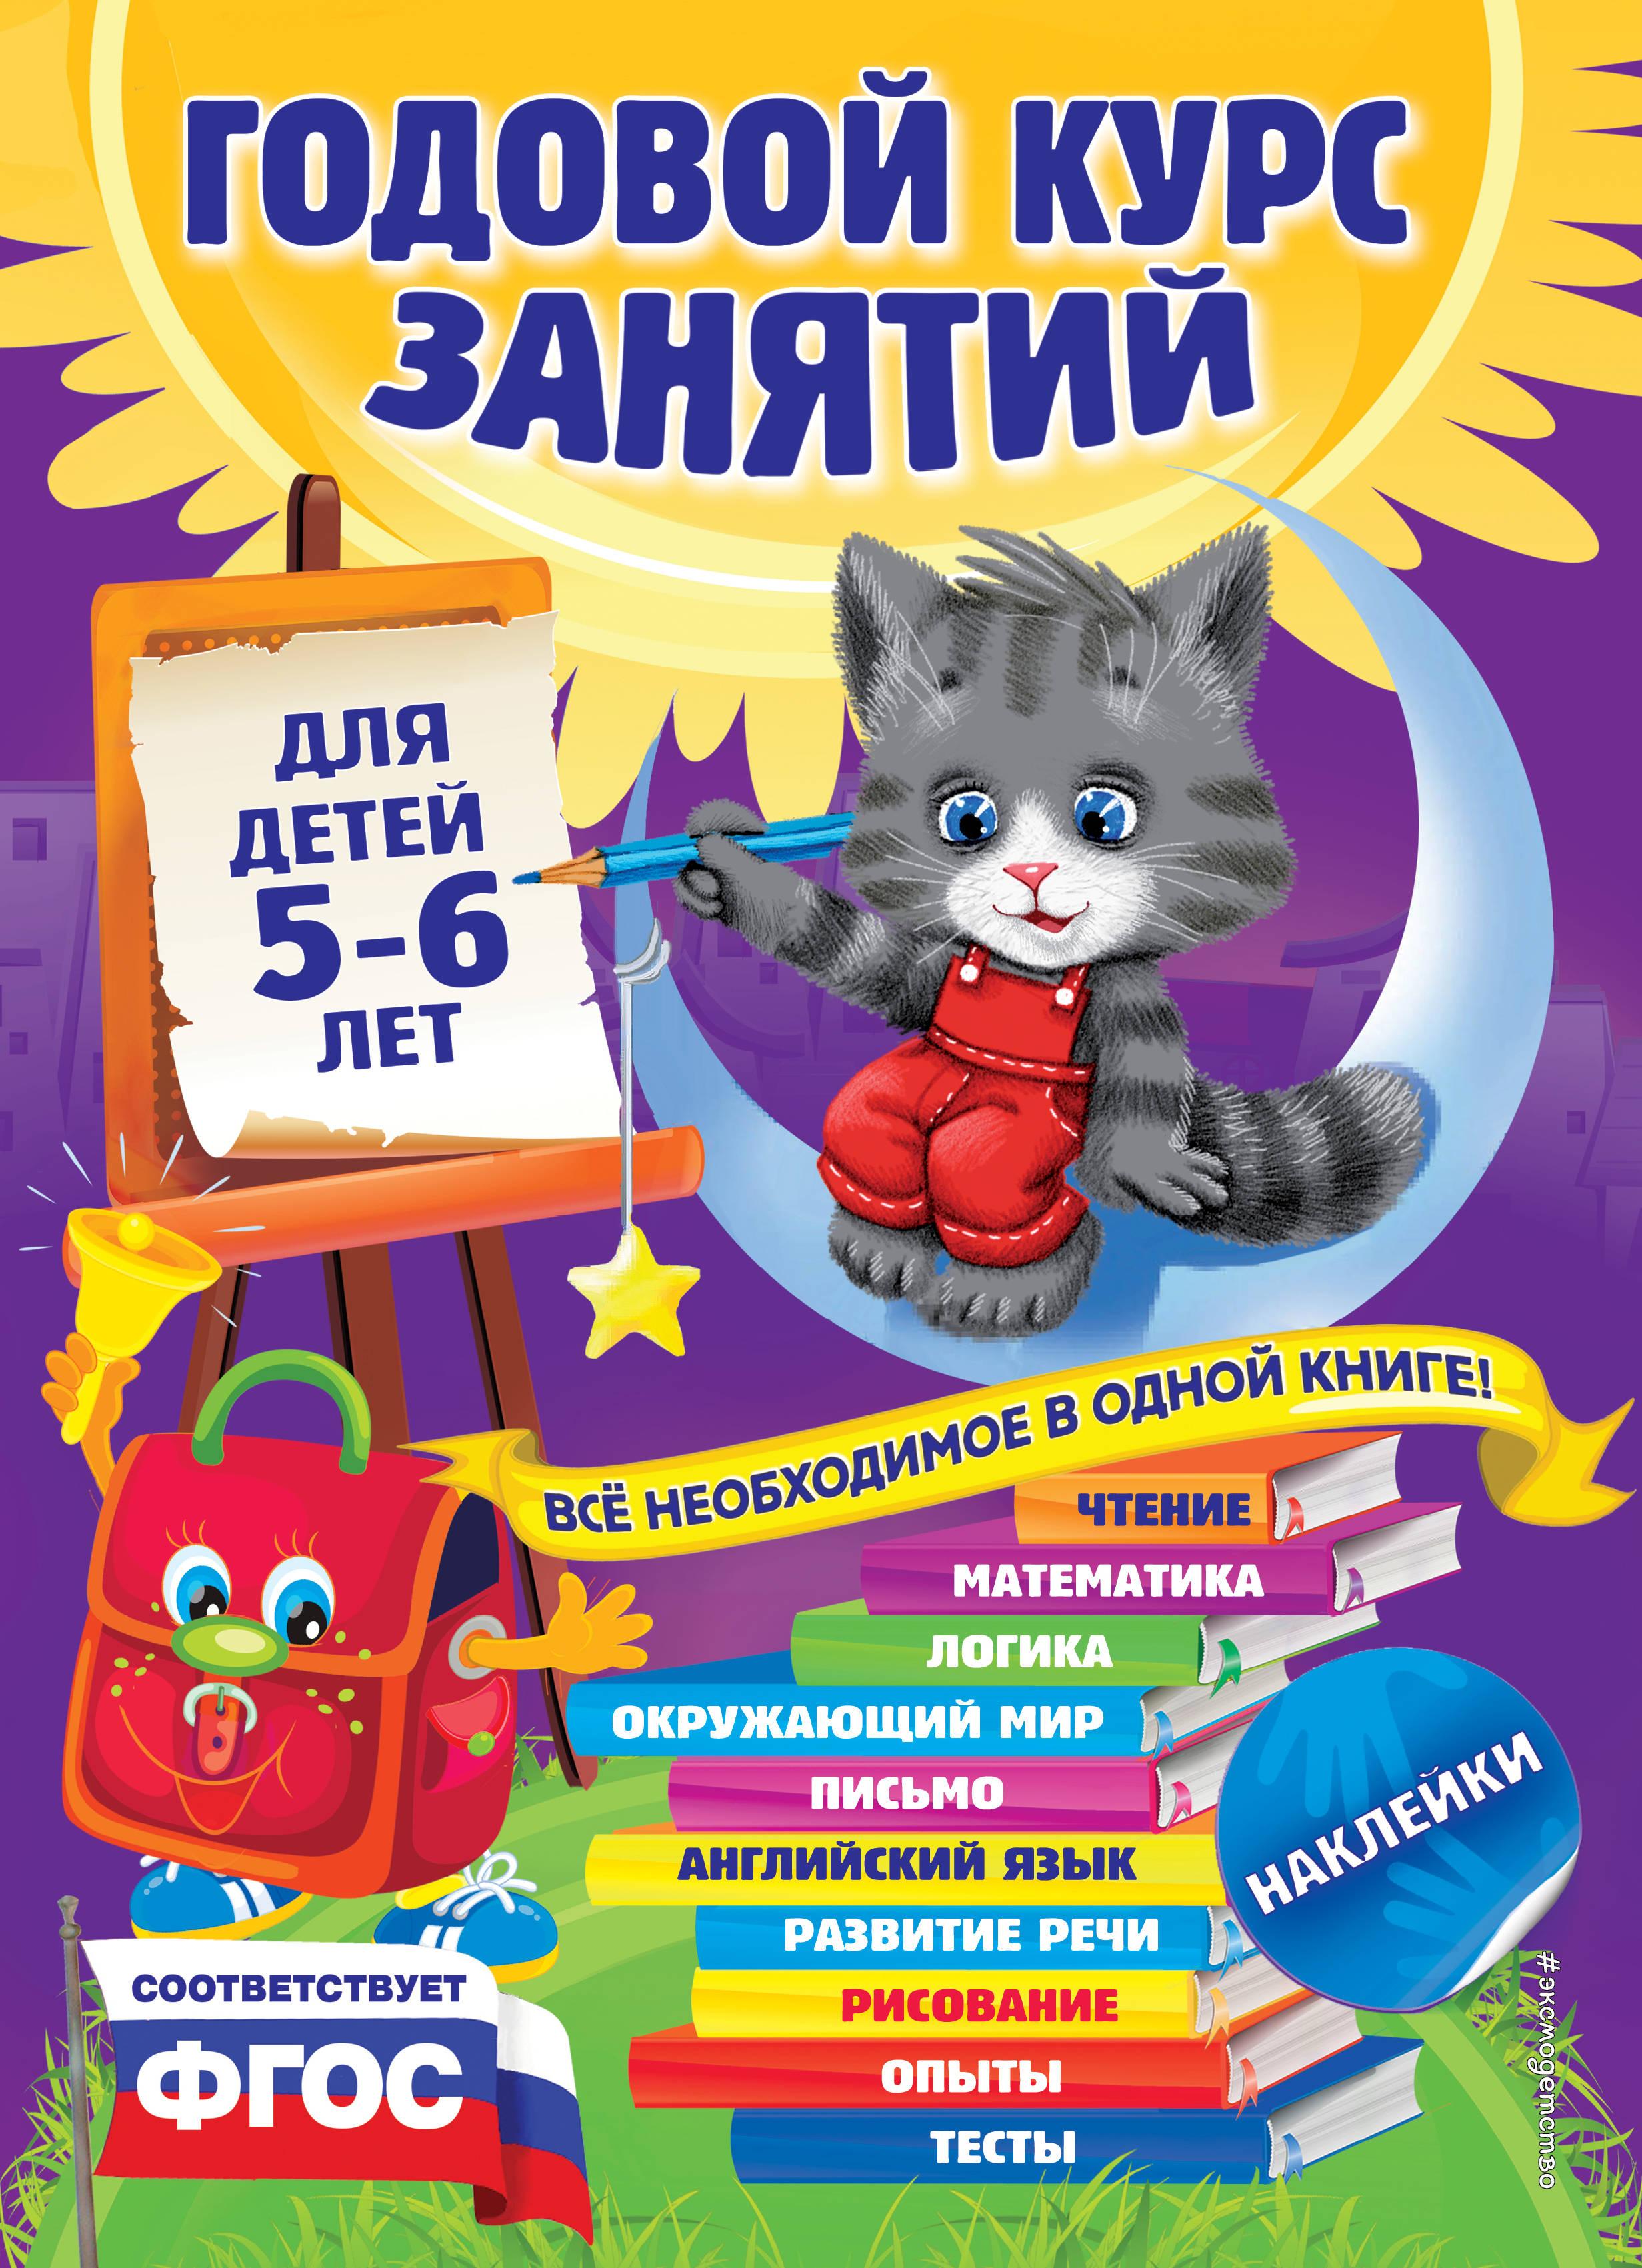 Книги для детей 4-5 лет: список и обзор лучших произведений для чтения и развития